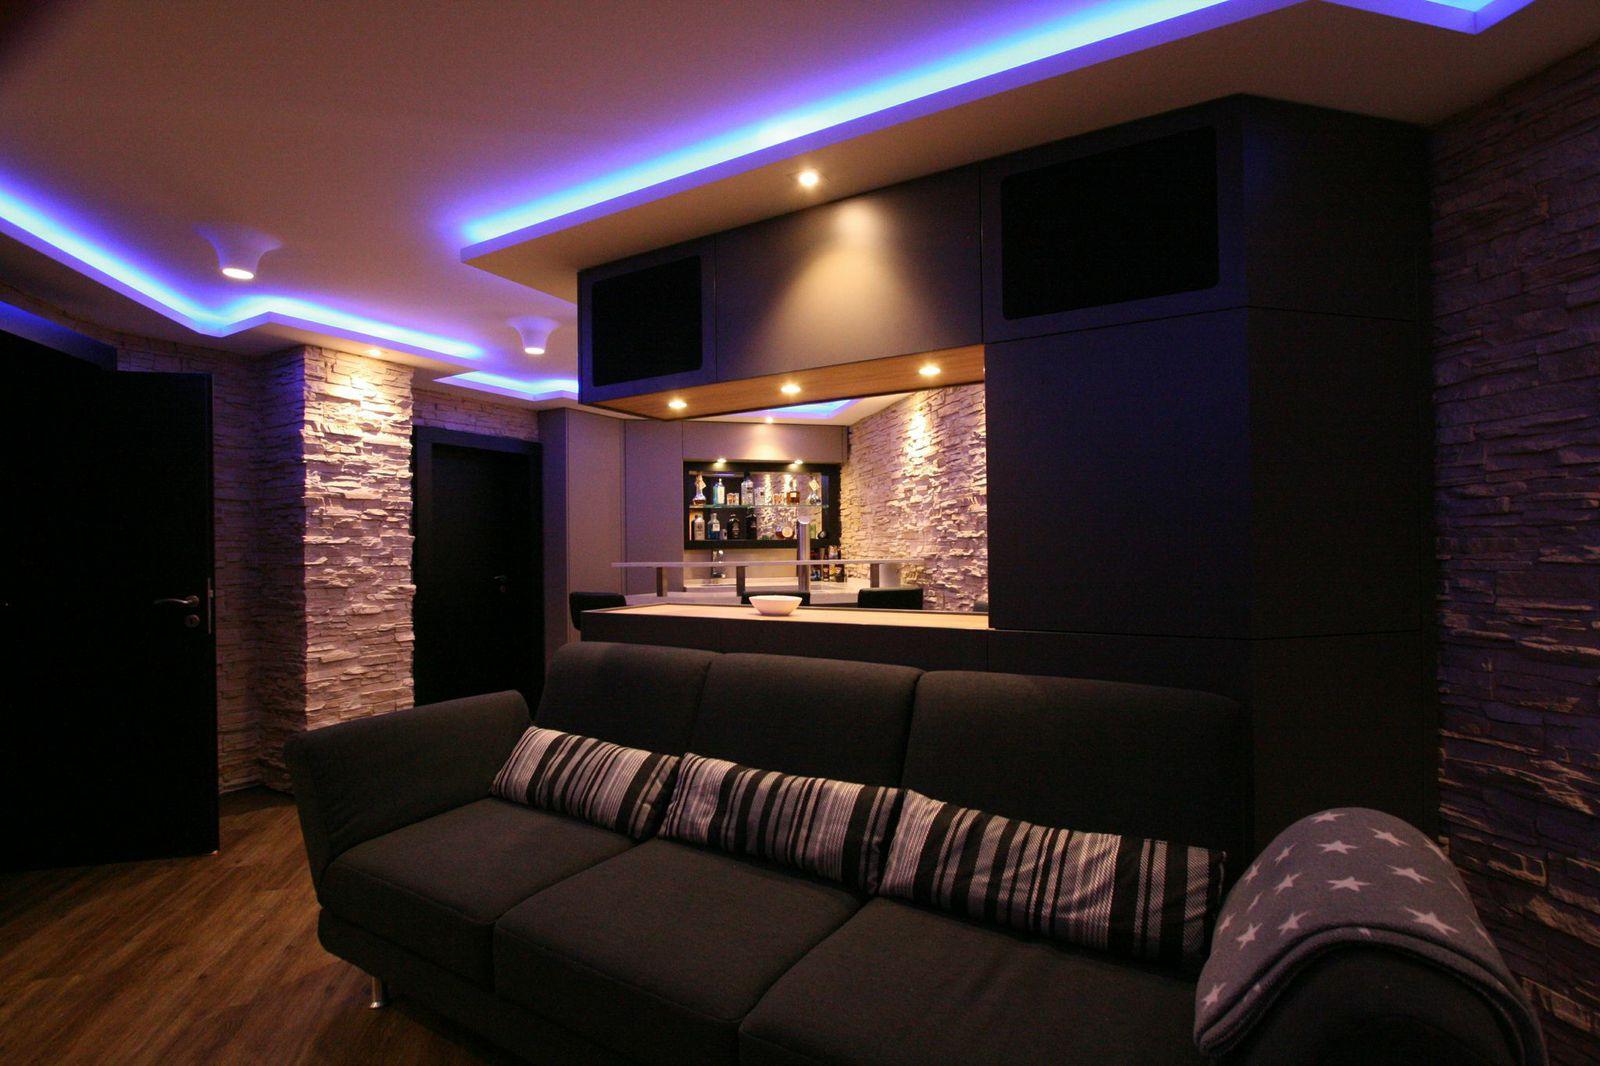 heimkino k4 cine lounge bar by team osnabr ck. Black Bedroom Furniture Sets. Home Design Ideas